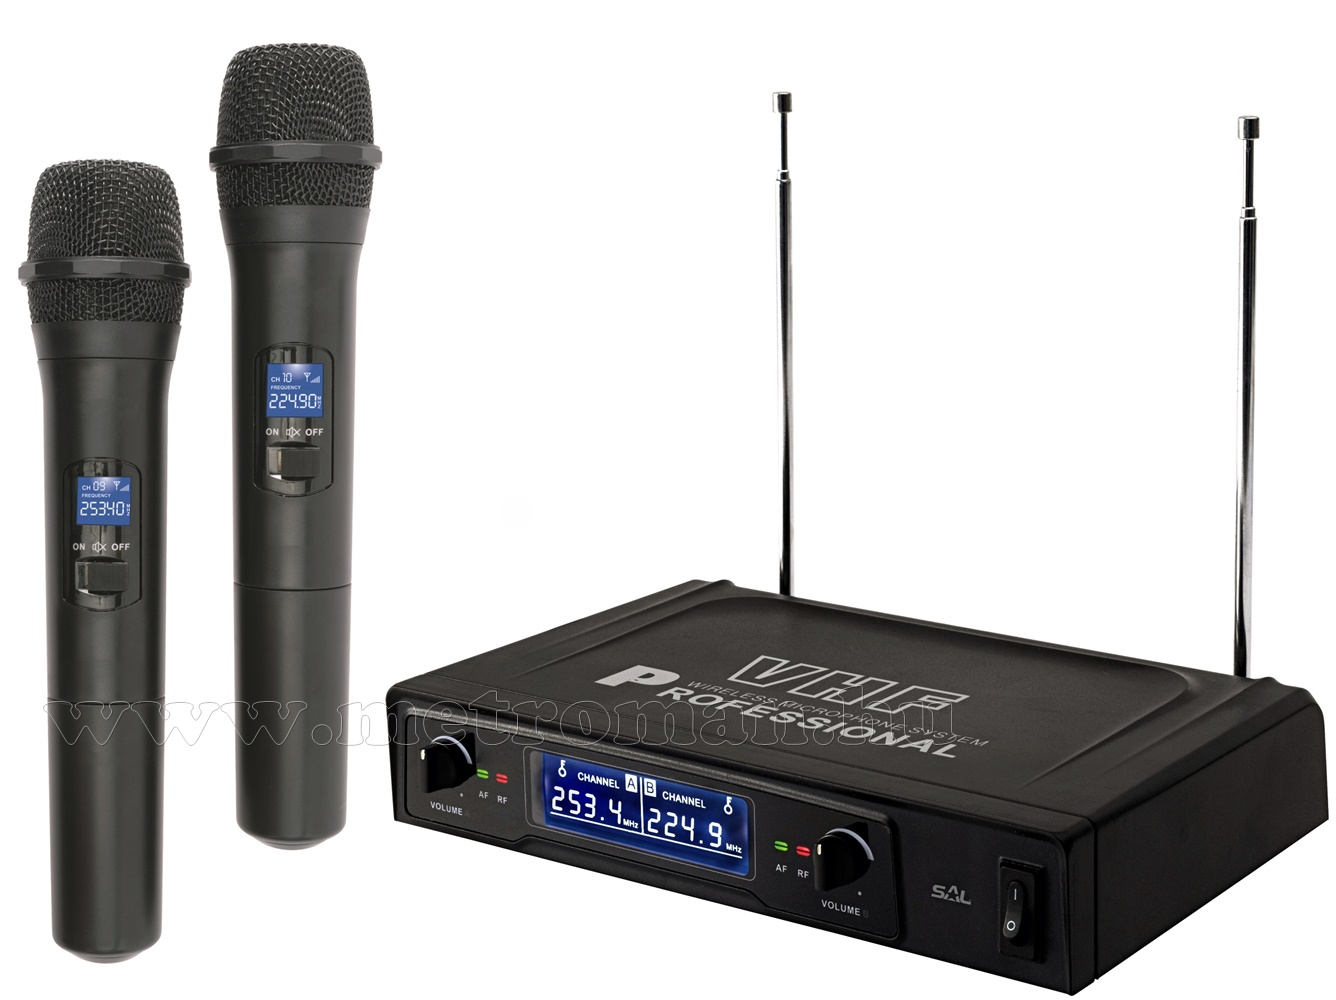 Vezeték nélküli mikrofon, 2 db kézi mikrofonnal MVN 500